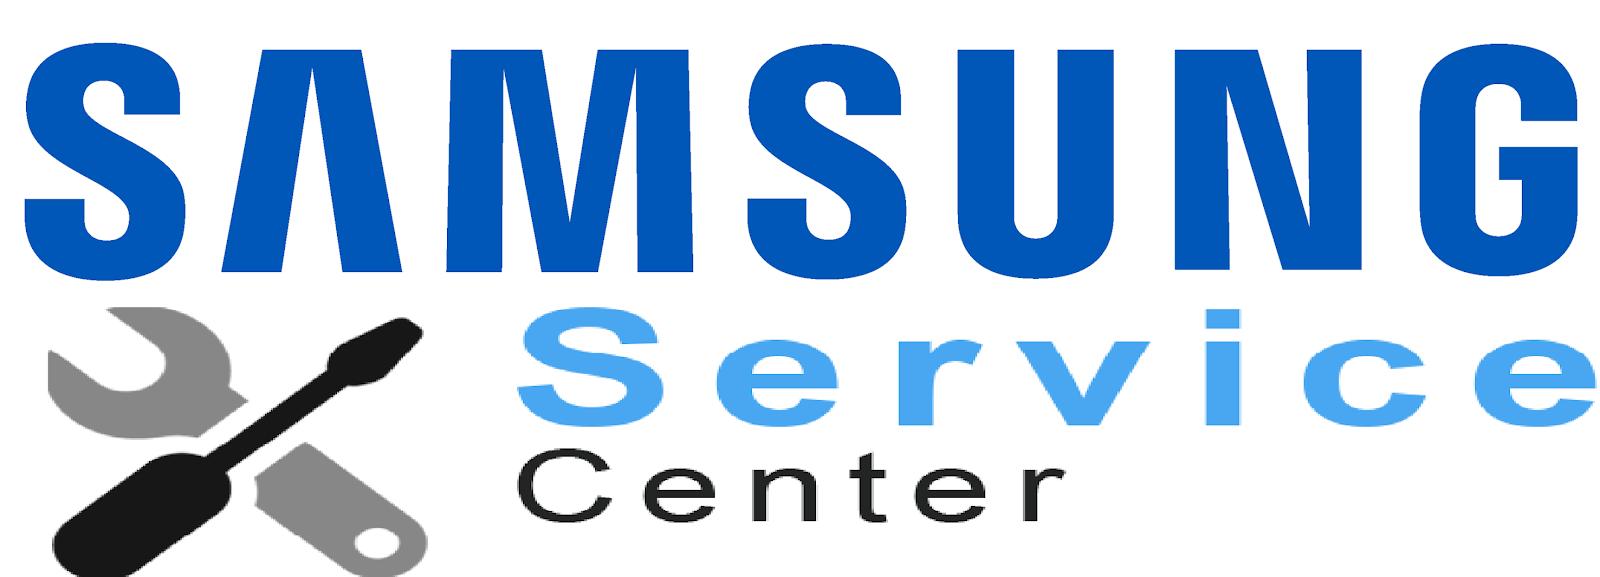 Alamat Samsung Service Center Denpasar Bali Info Alamat Dan Telepon